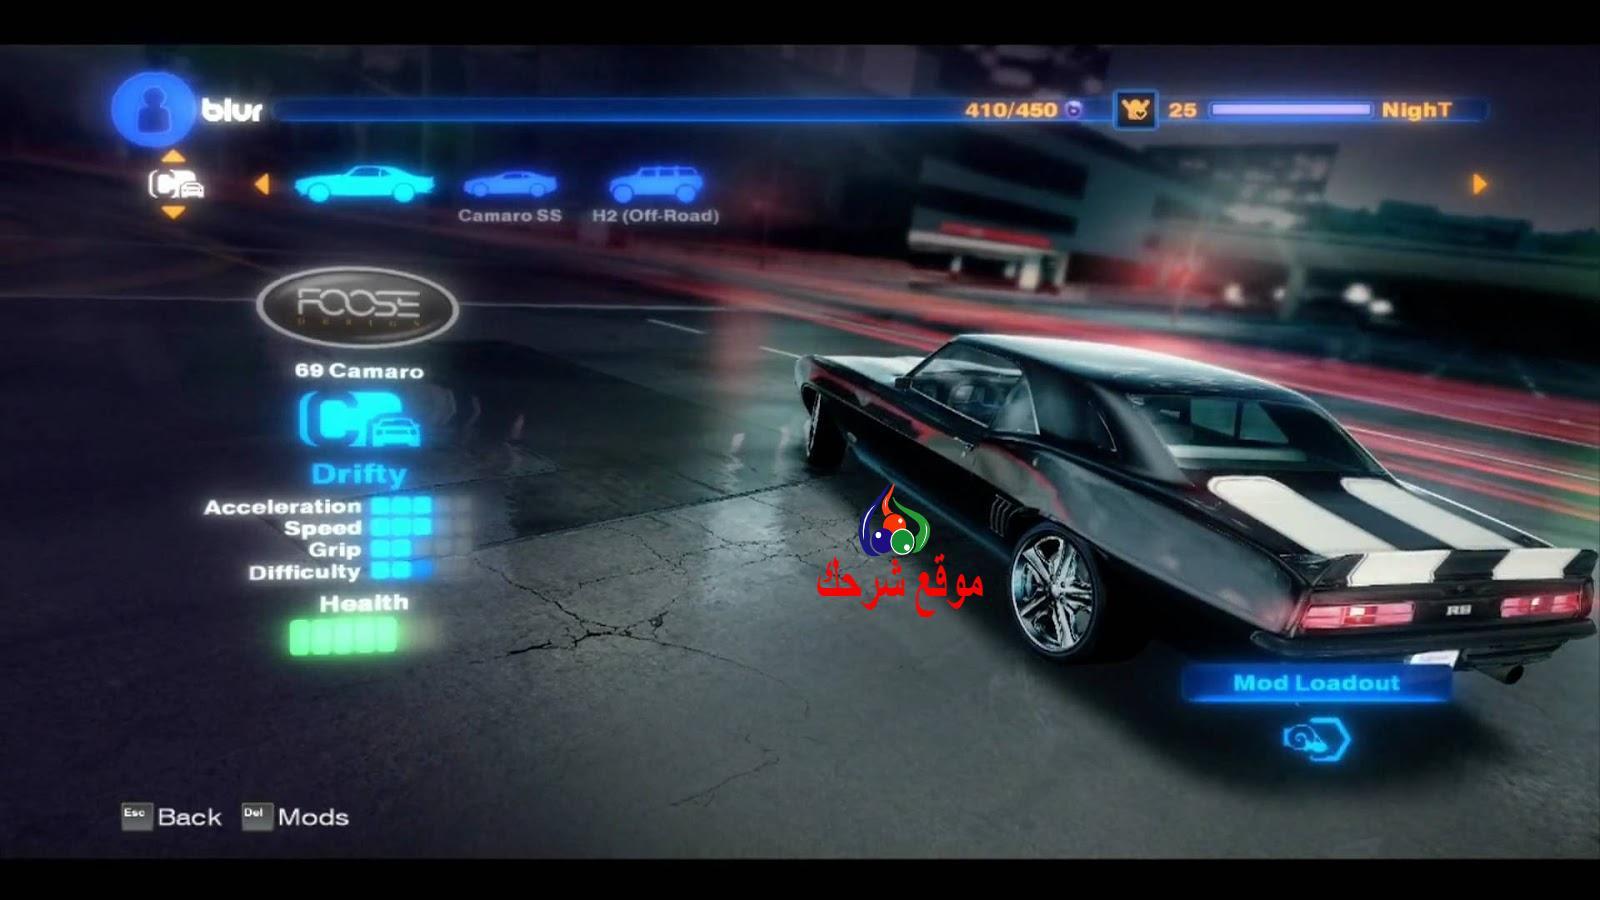 تحميل لعبة سباق السيارات للكمبيوتر من ميديا فاير تنزيل لعبة blur برابط مباشر